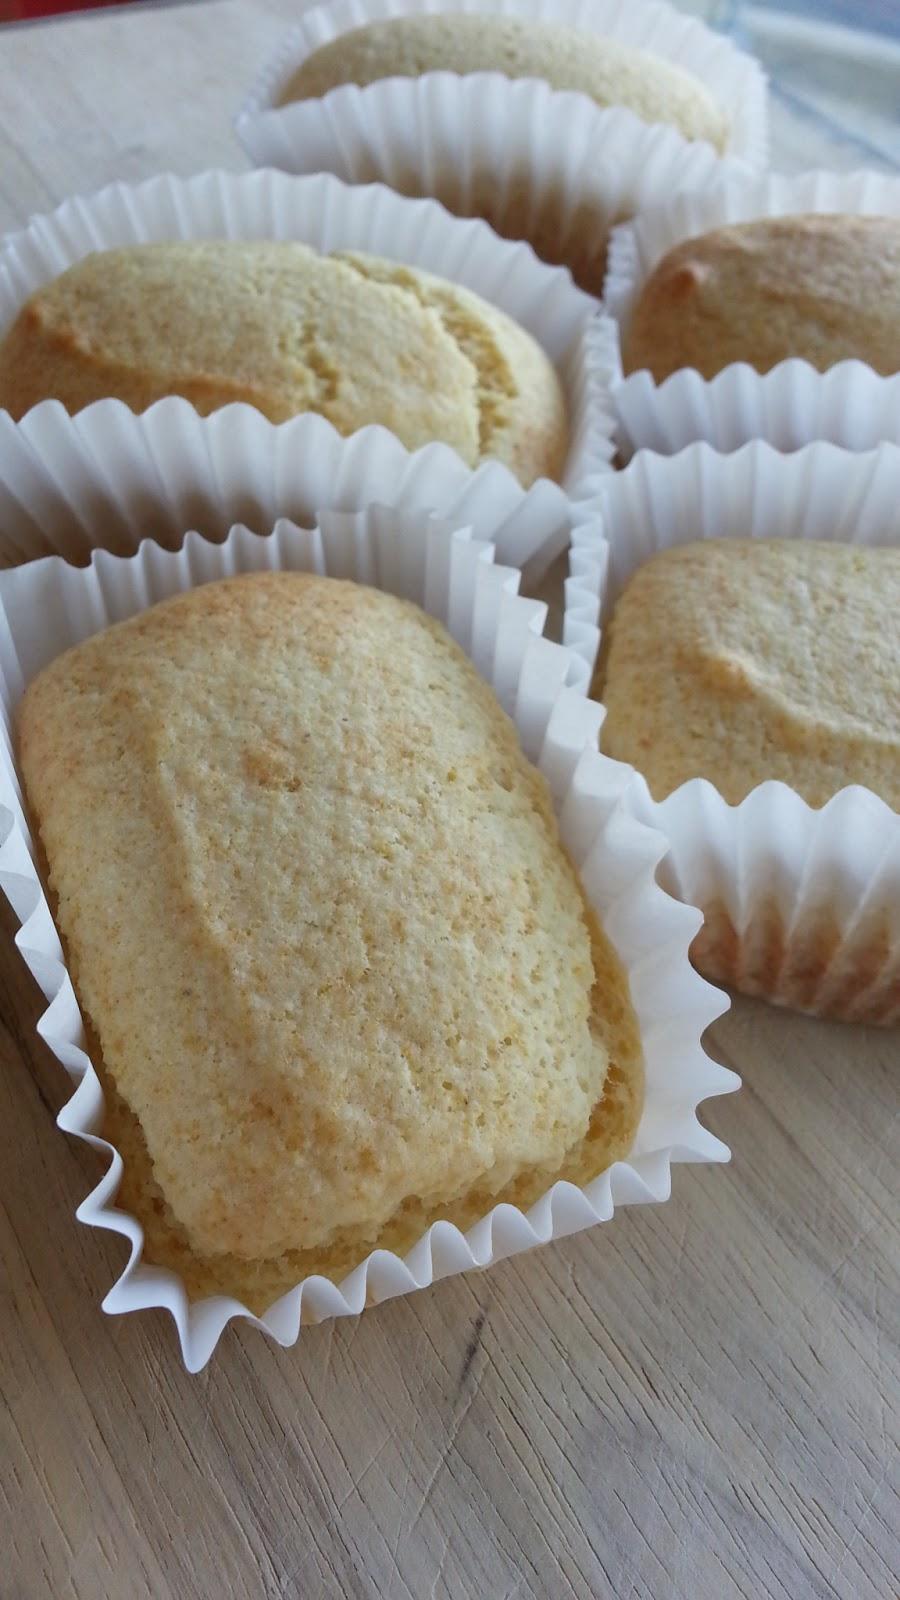 Pain Graines Chia Moule A Cake Mixe San Gluten Recette